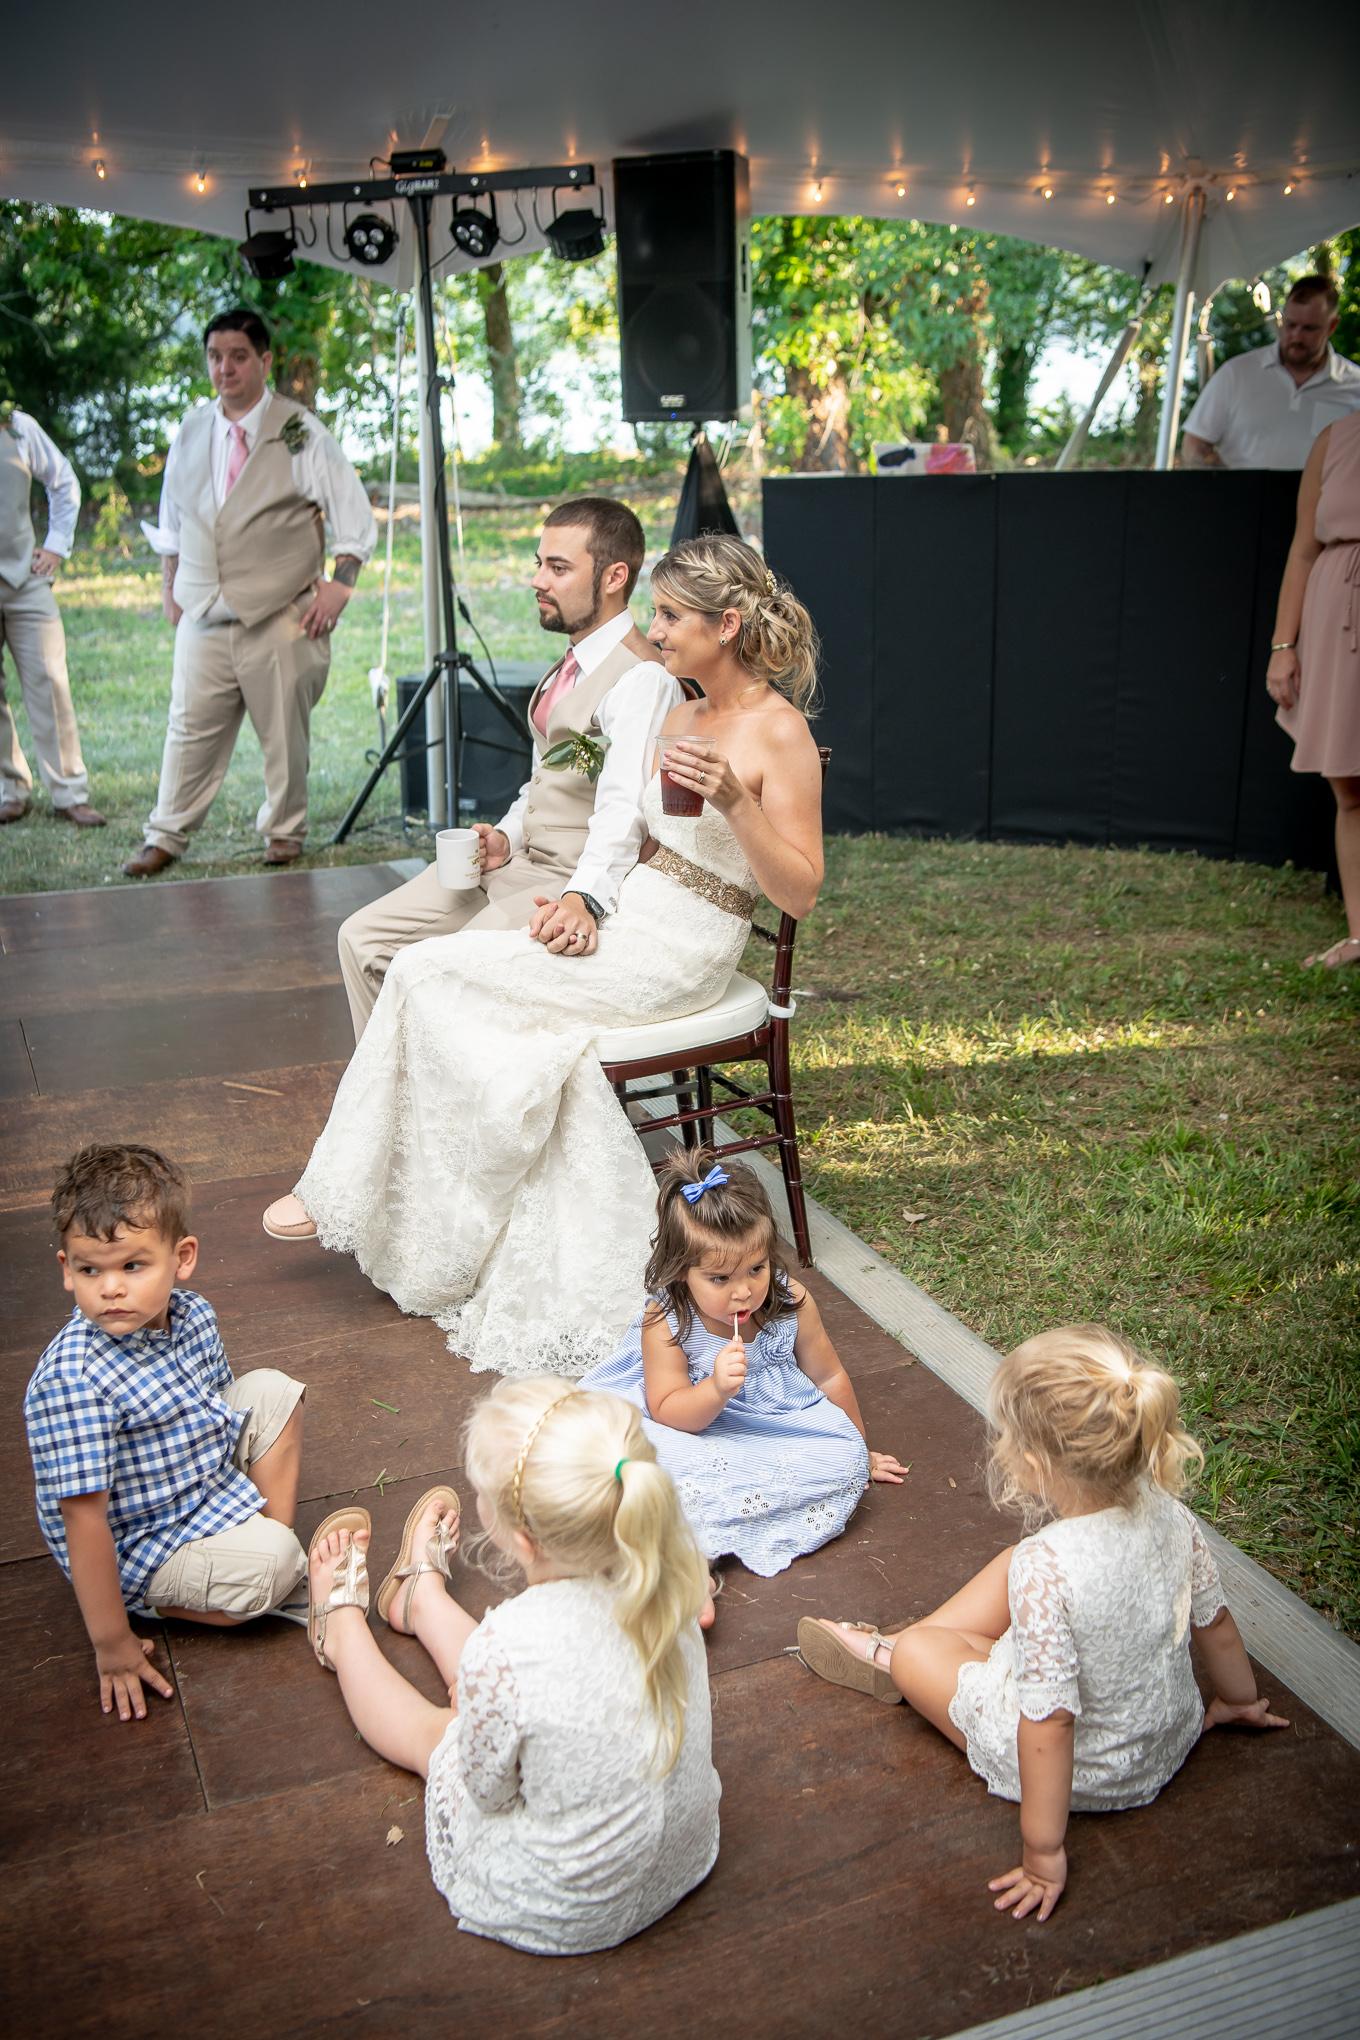 Wedding reception in Nashville